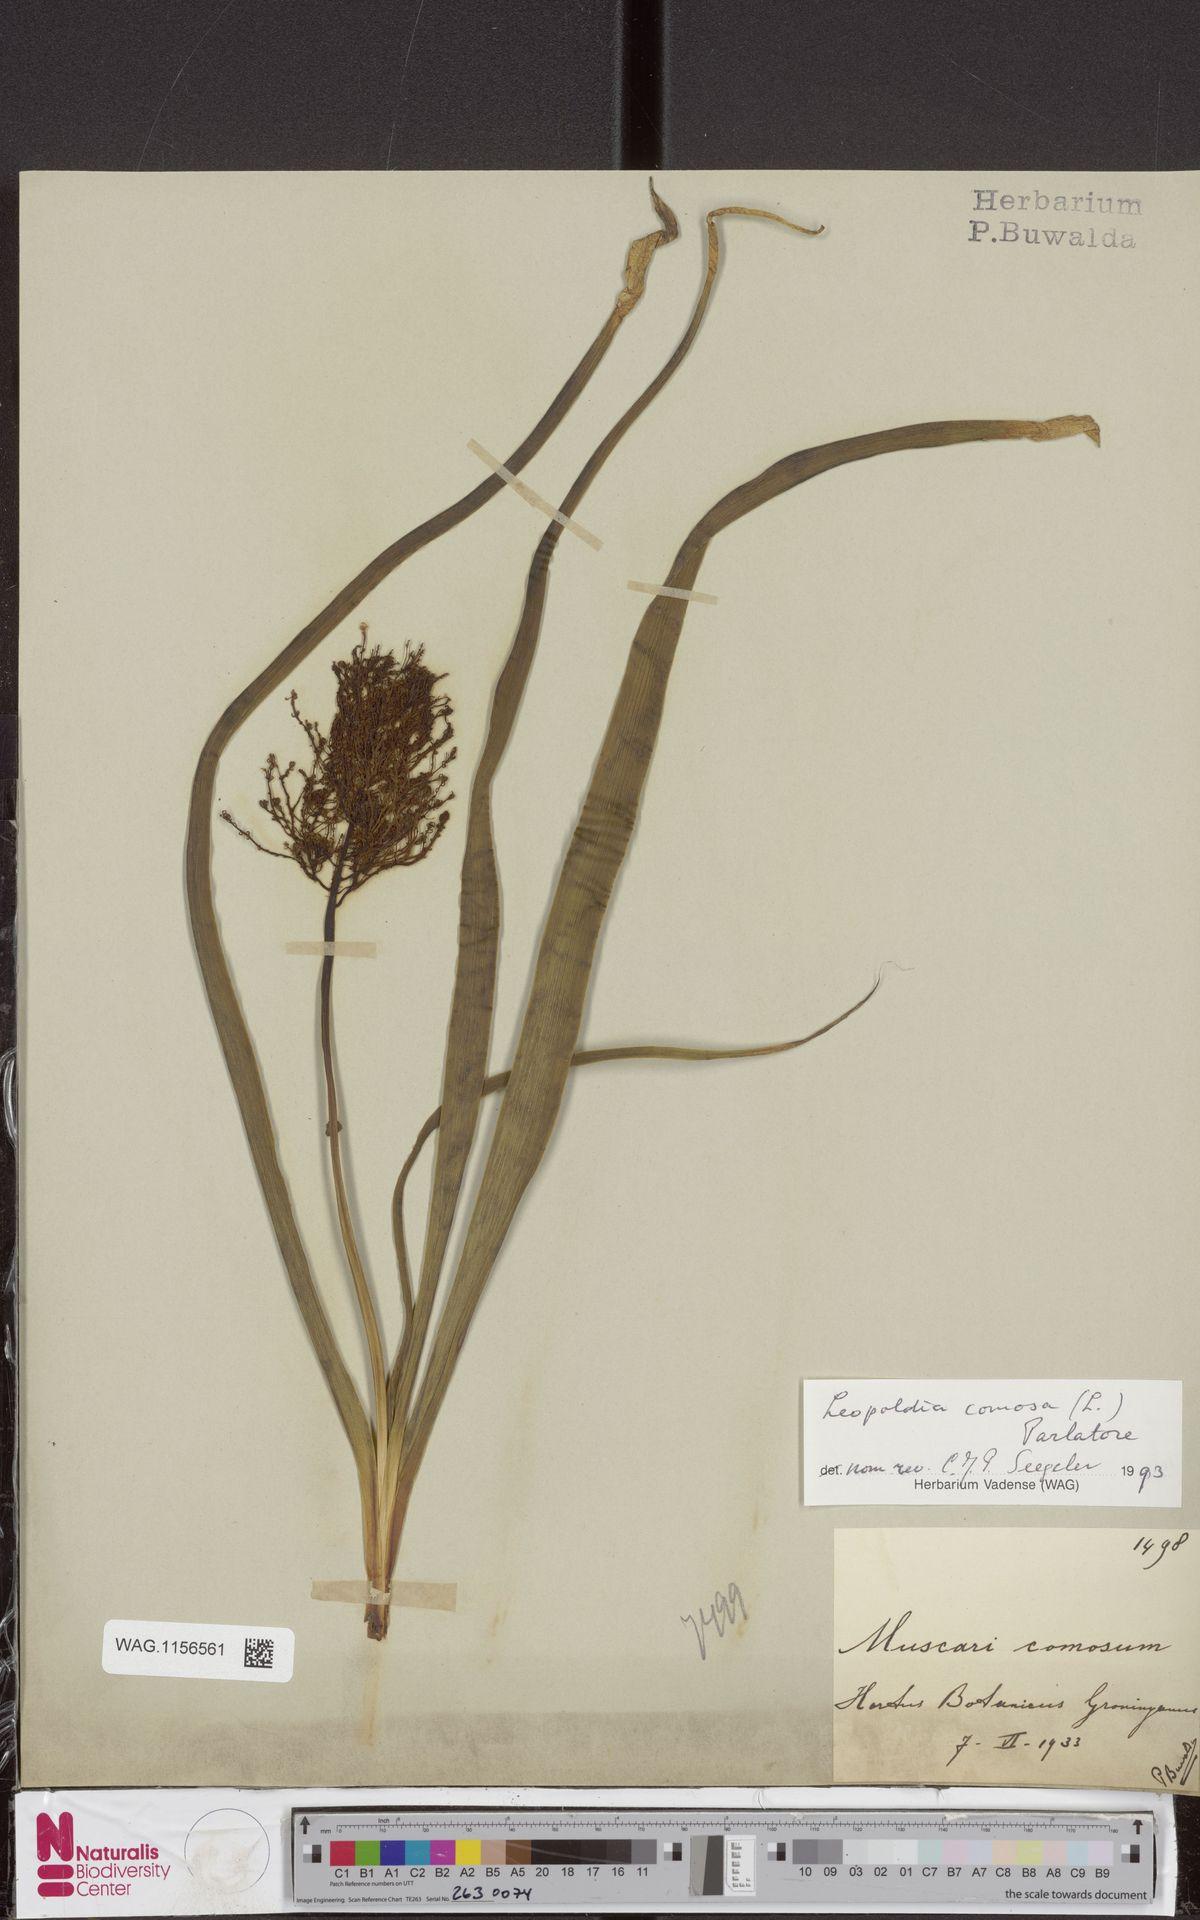 WAG.1156561 | Leopoldia comosa (L.) Parl.